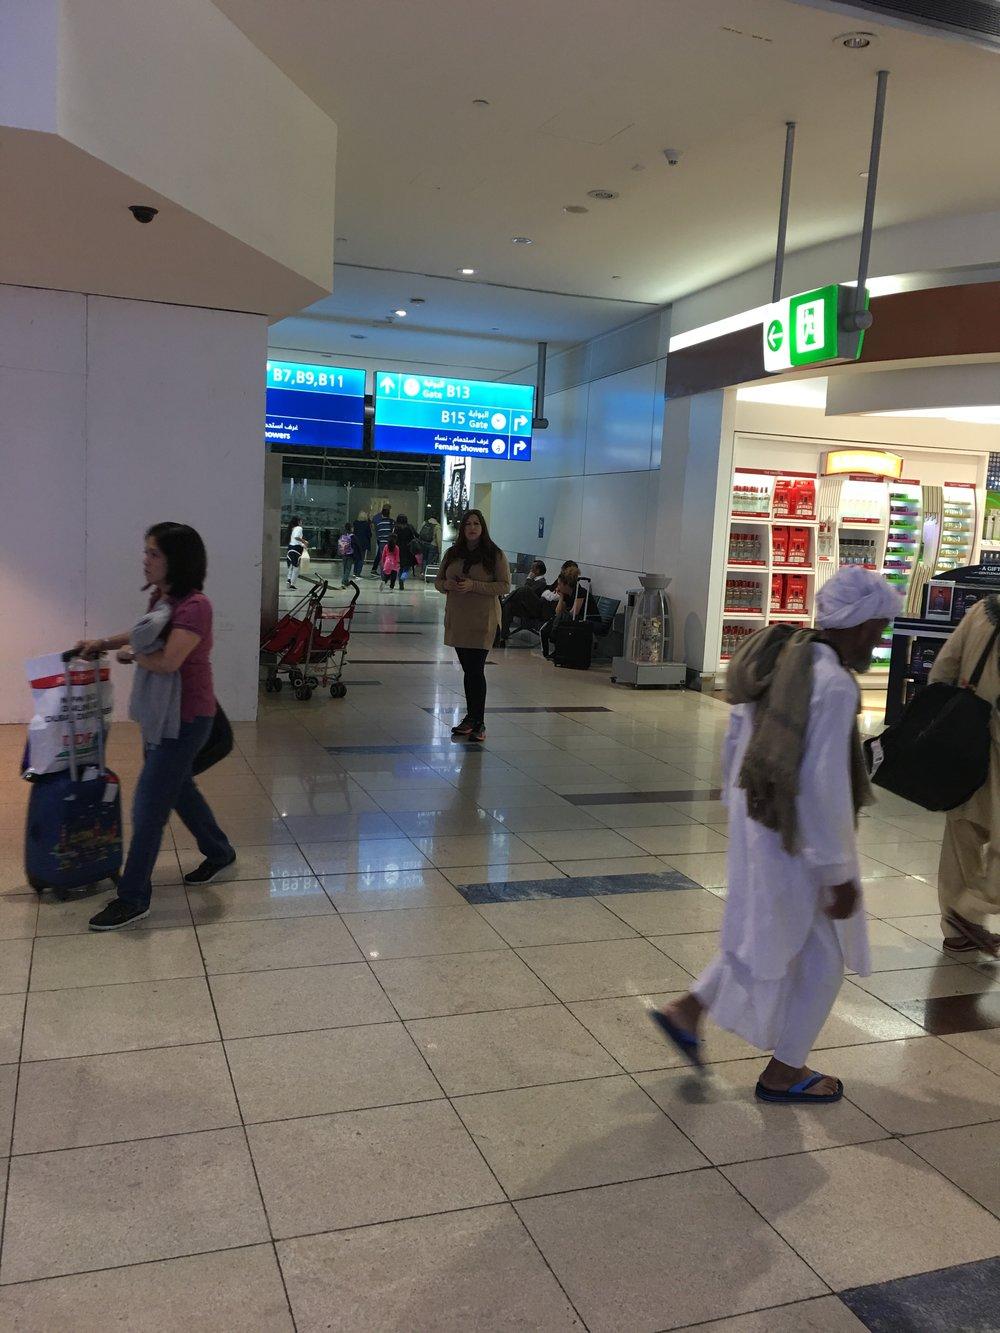 Me at Dubai airport